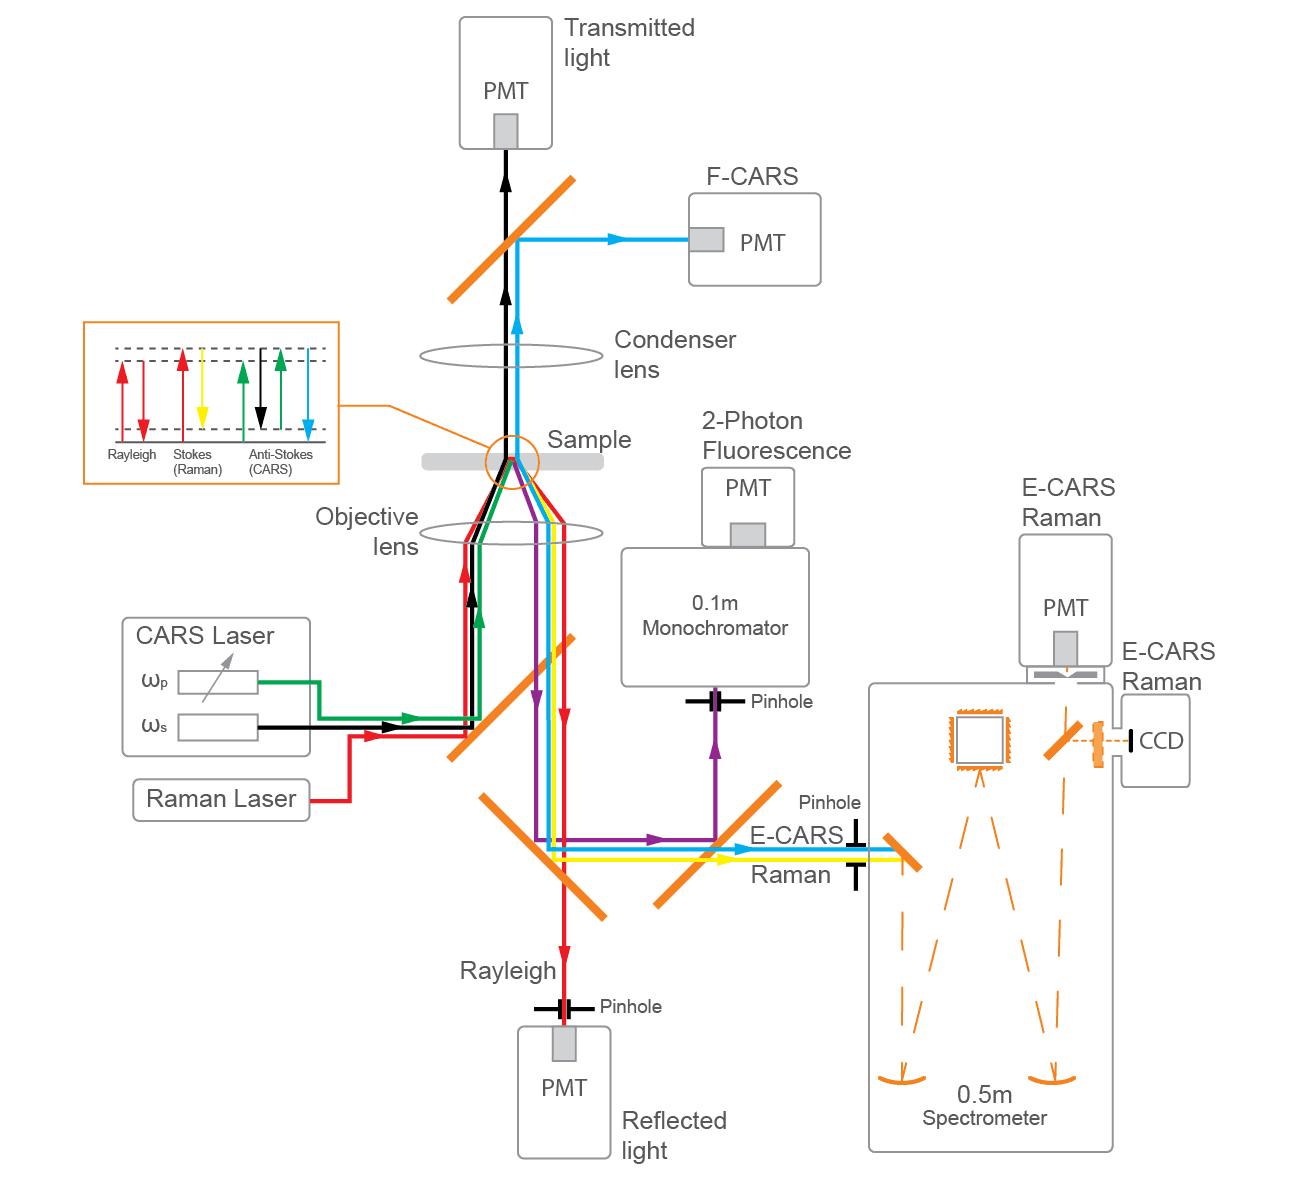 Оптический стол: схема модулей системы Confotec CARS